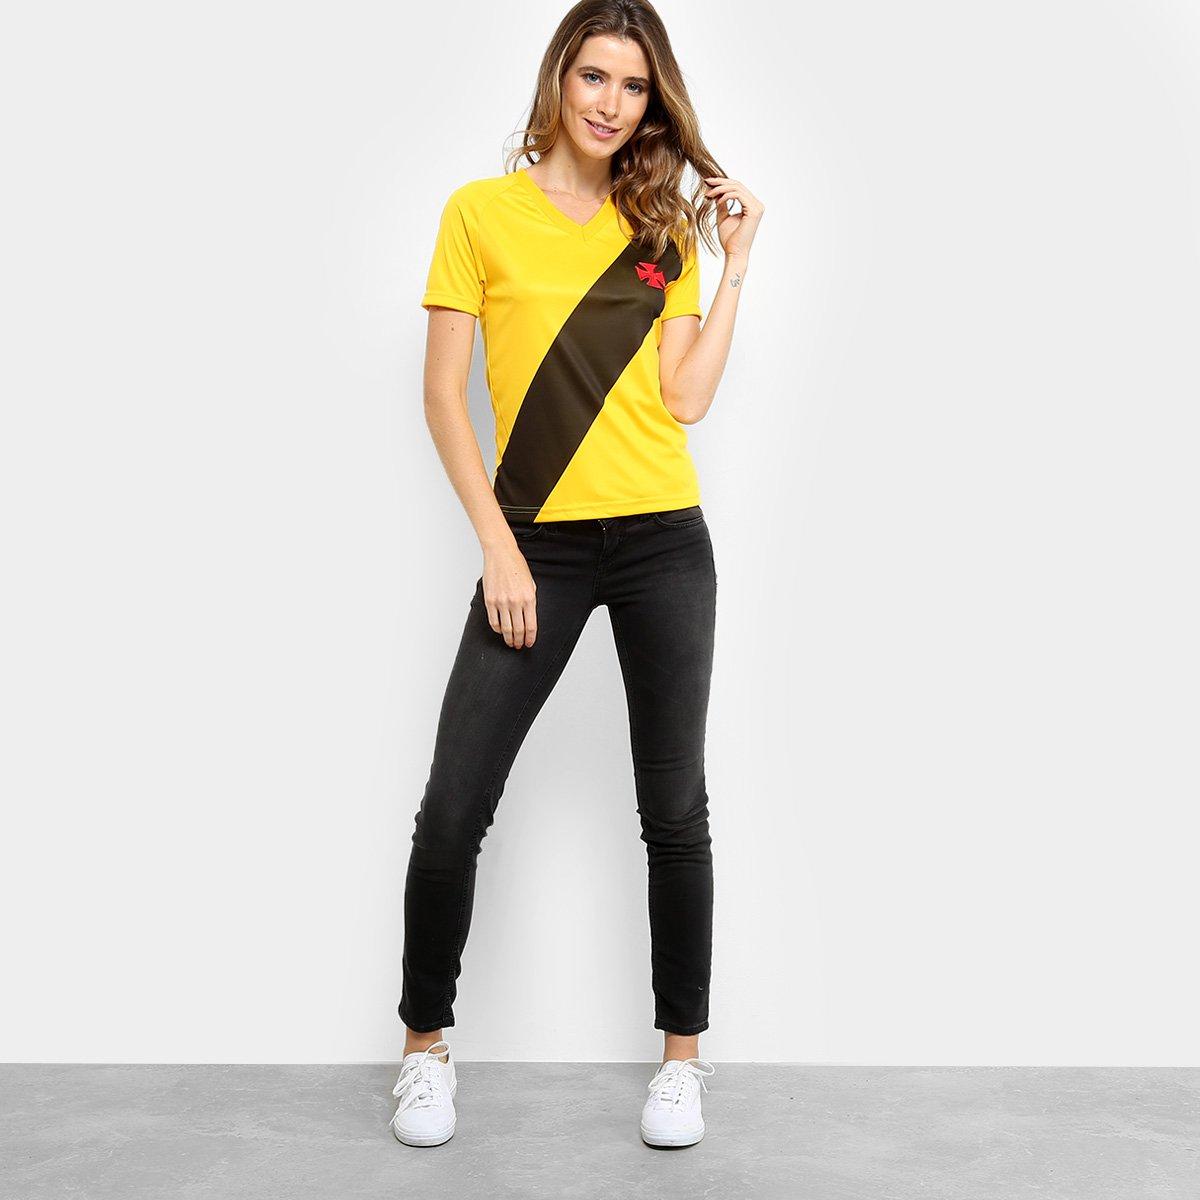 a70139152f Camisa Vasco 2012 s n° Edição Limitada Feminina - Amarelo - Compre ...